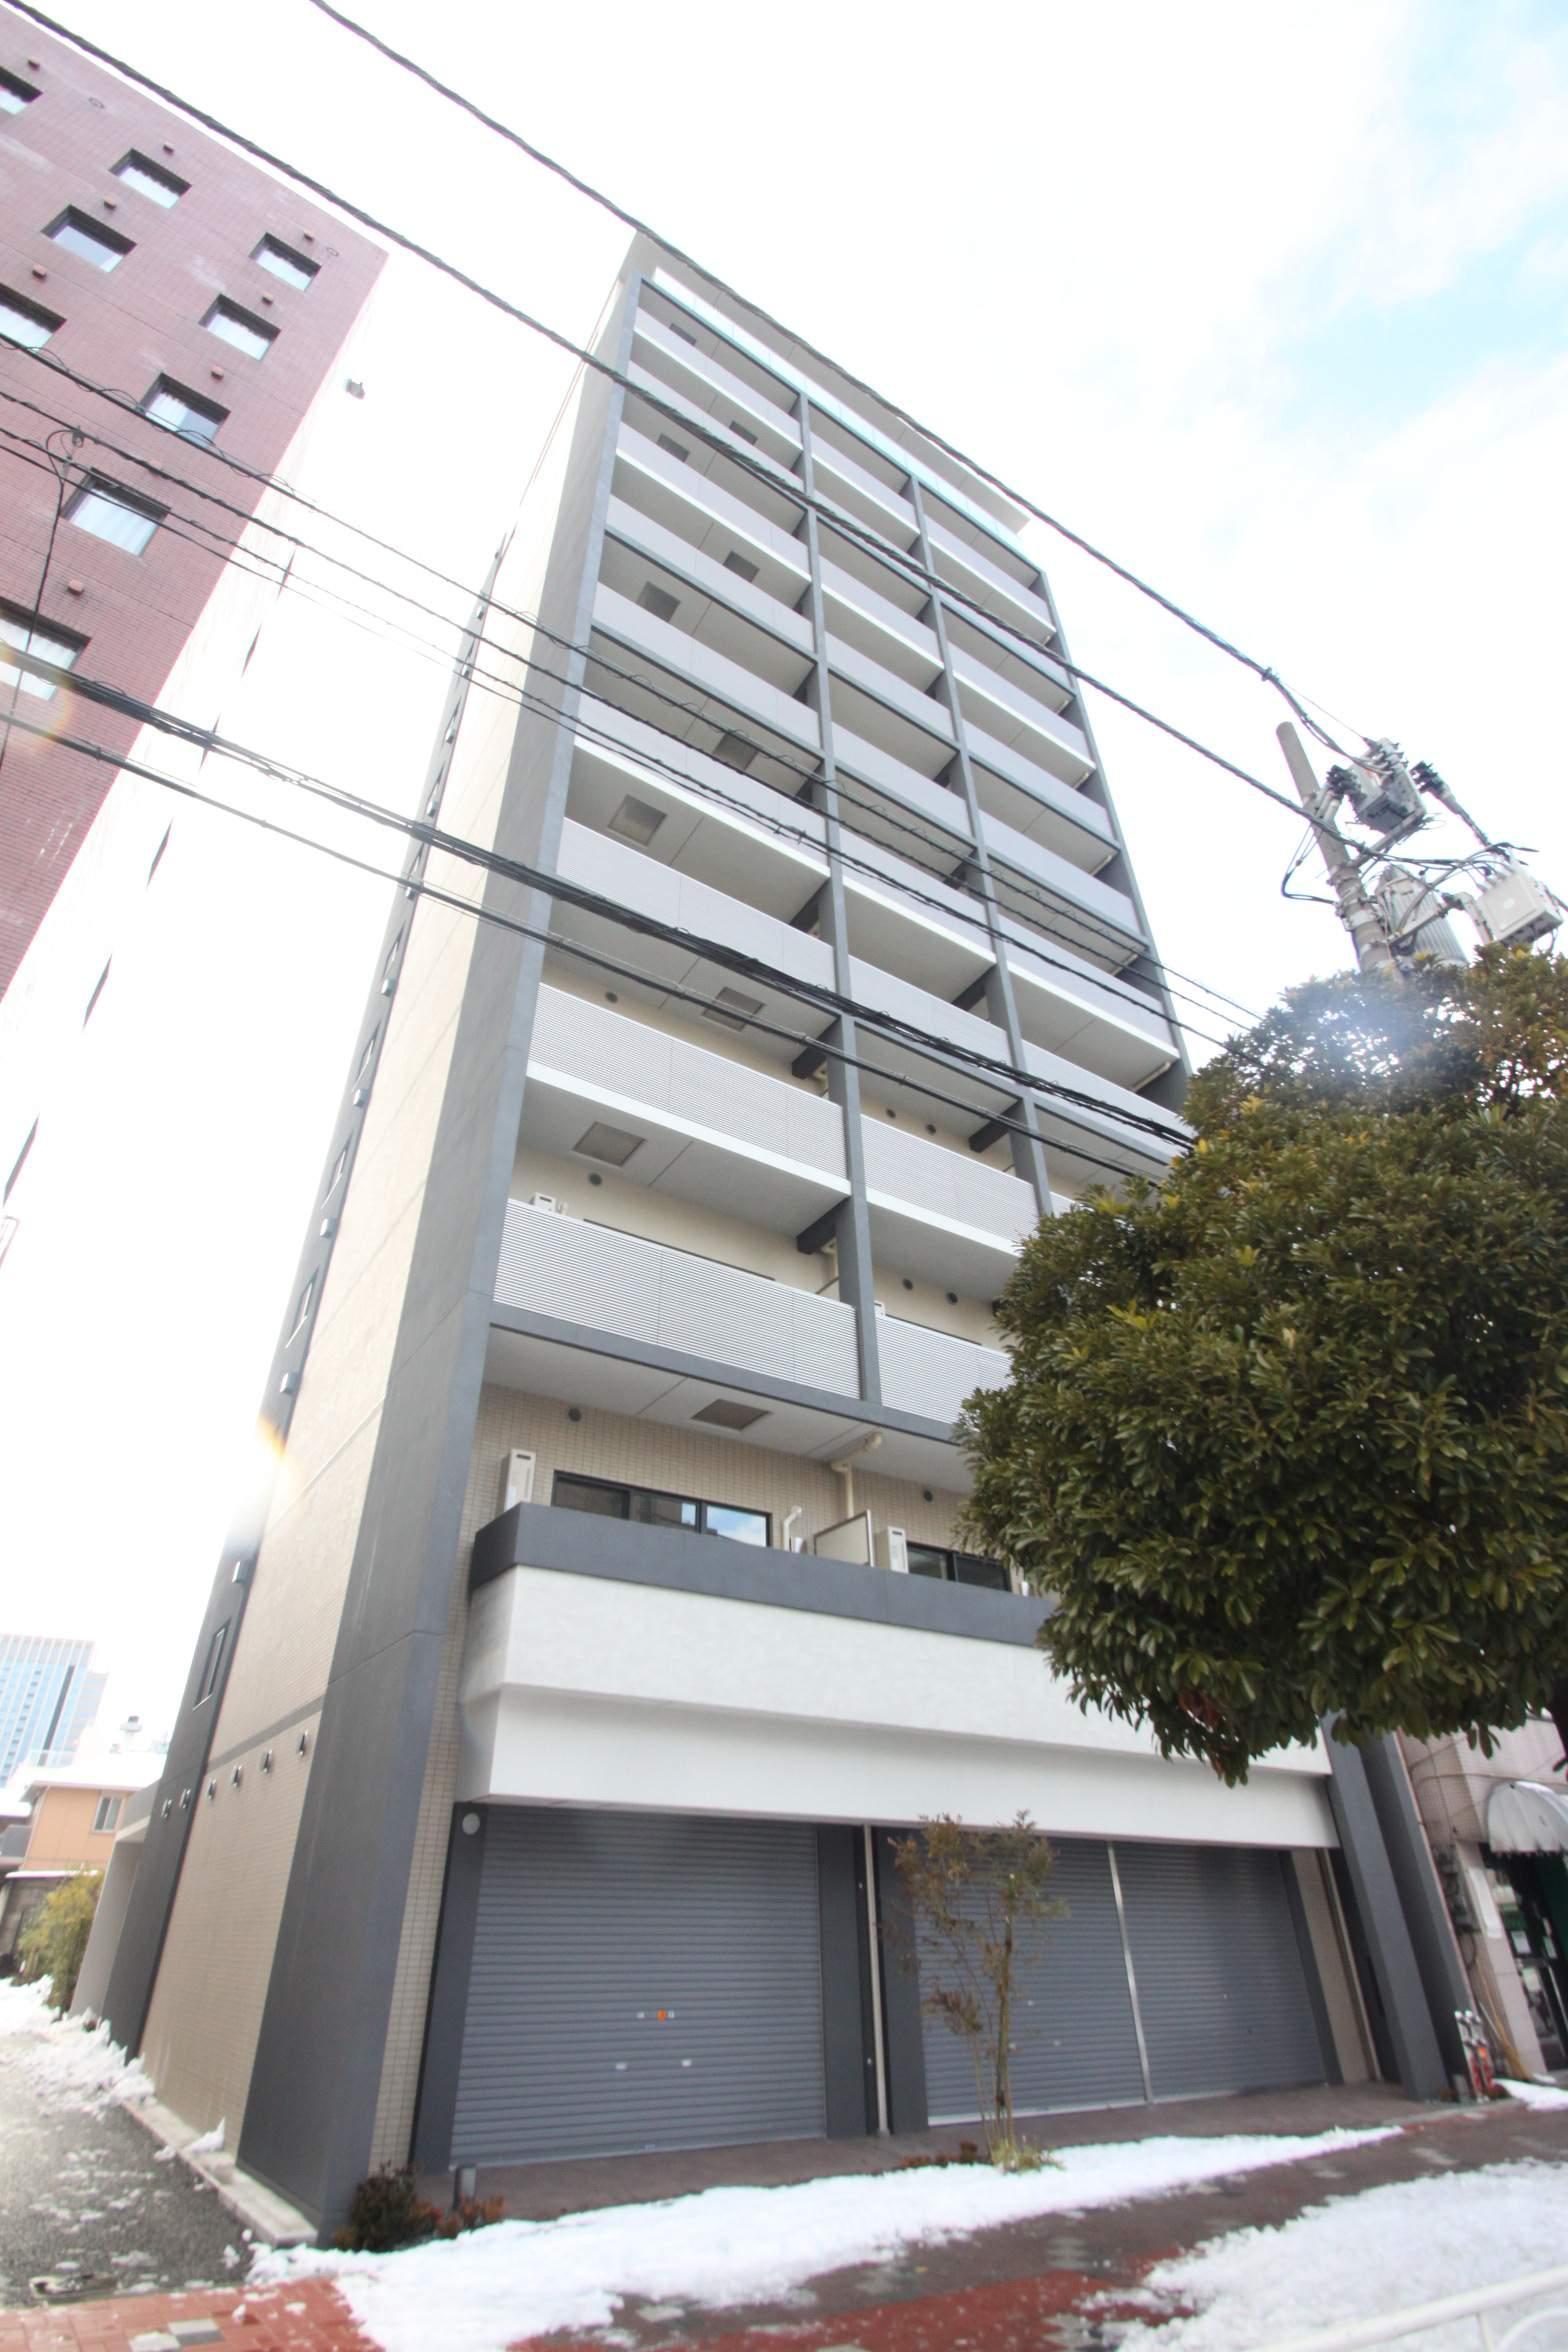 東京都江東区、門前仲町駅徒歩18分の築3年 12階建の賃貸マンション